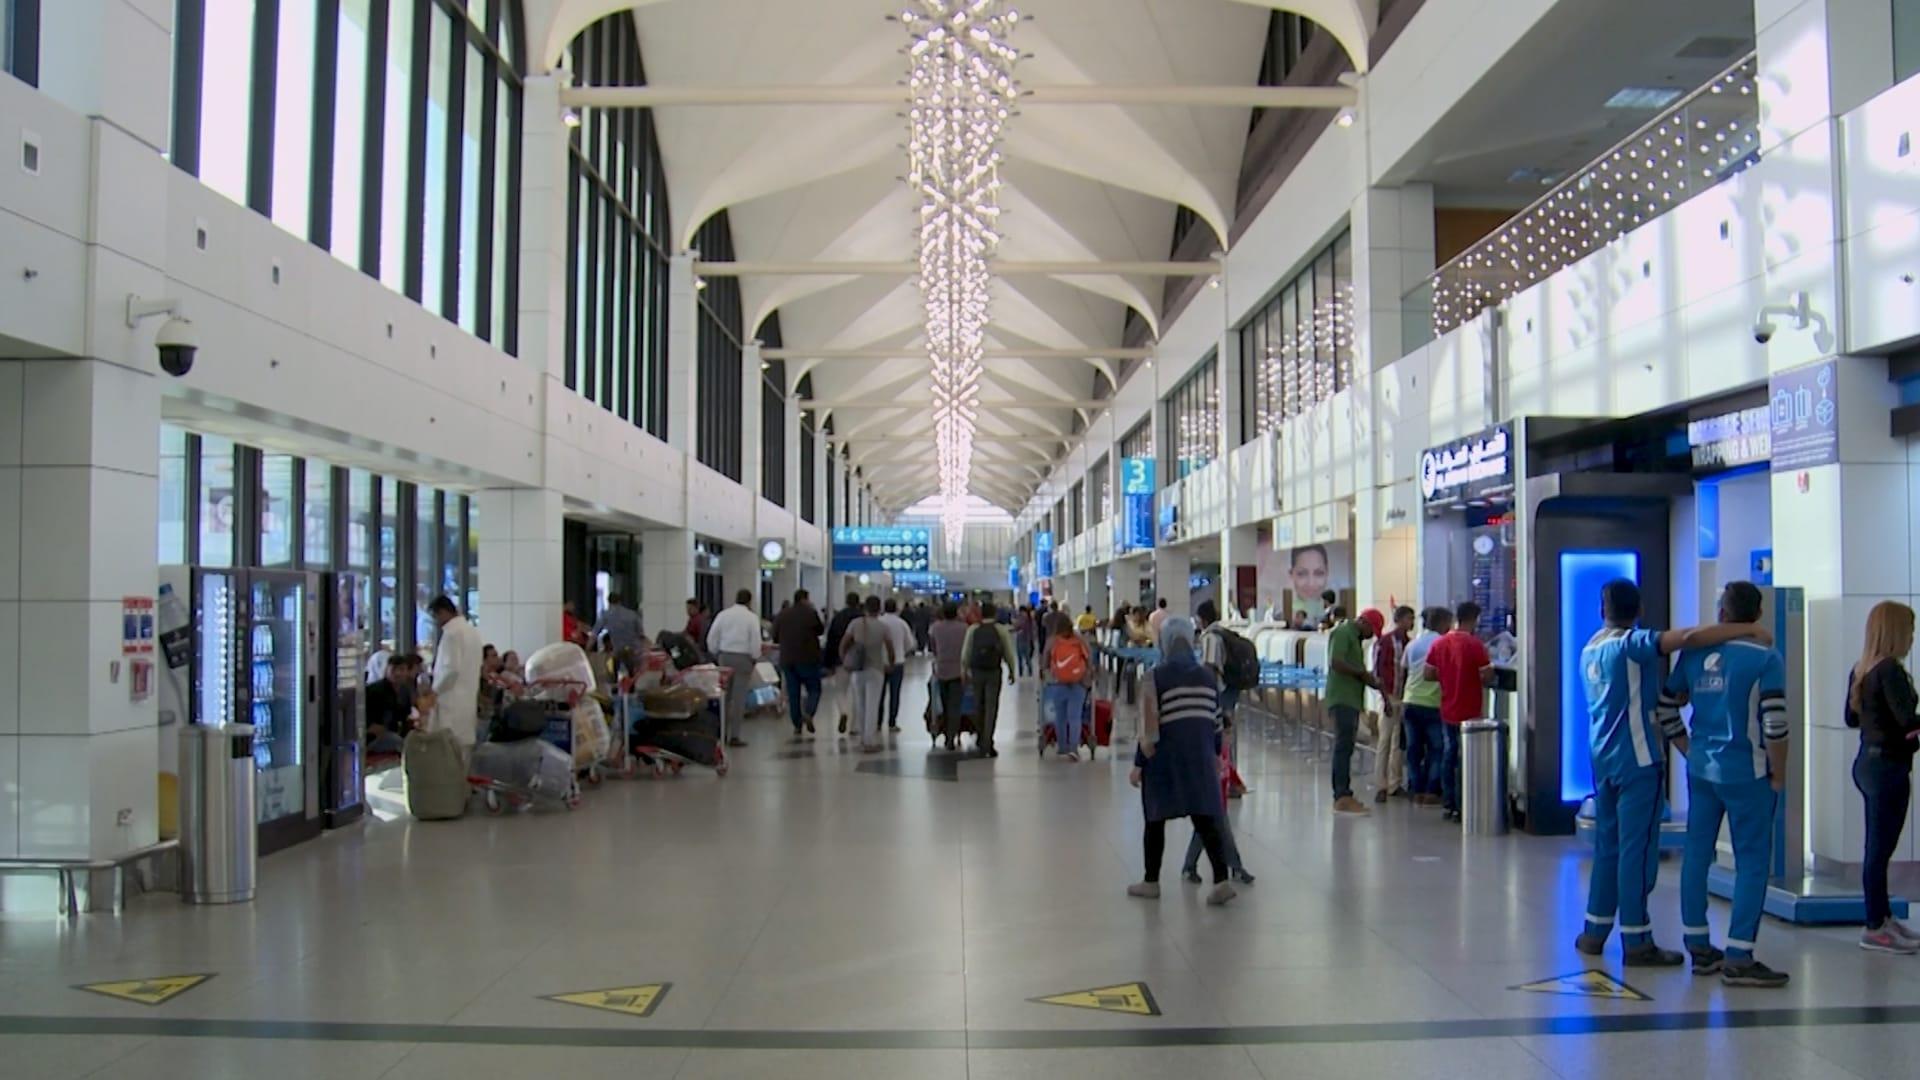 شاهد كيف يبدو أكثر المطارات ازدحامًا في العالم مع إعادة افتتاحه في دبي